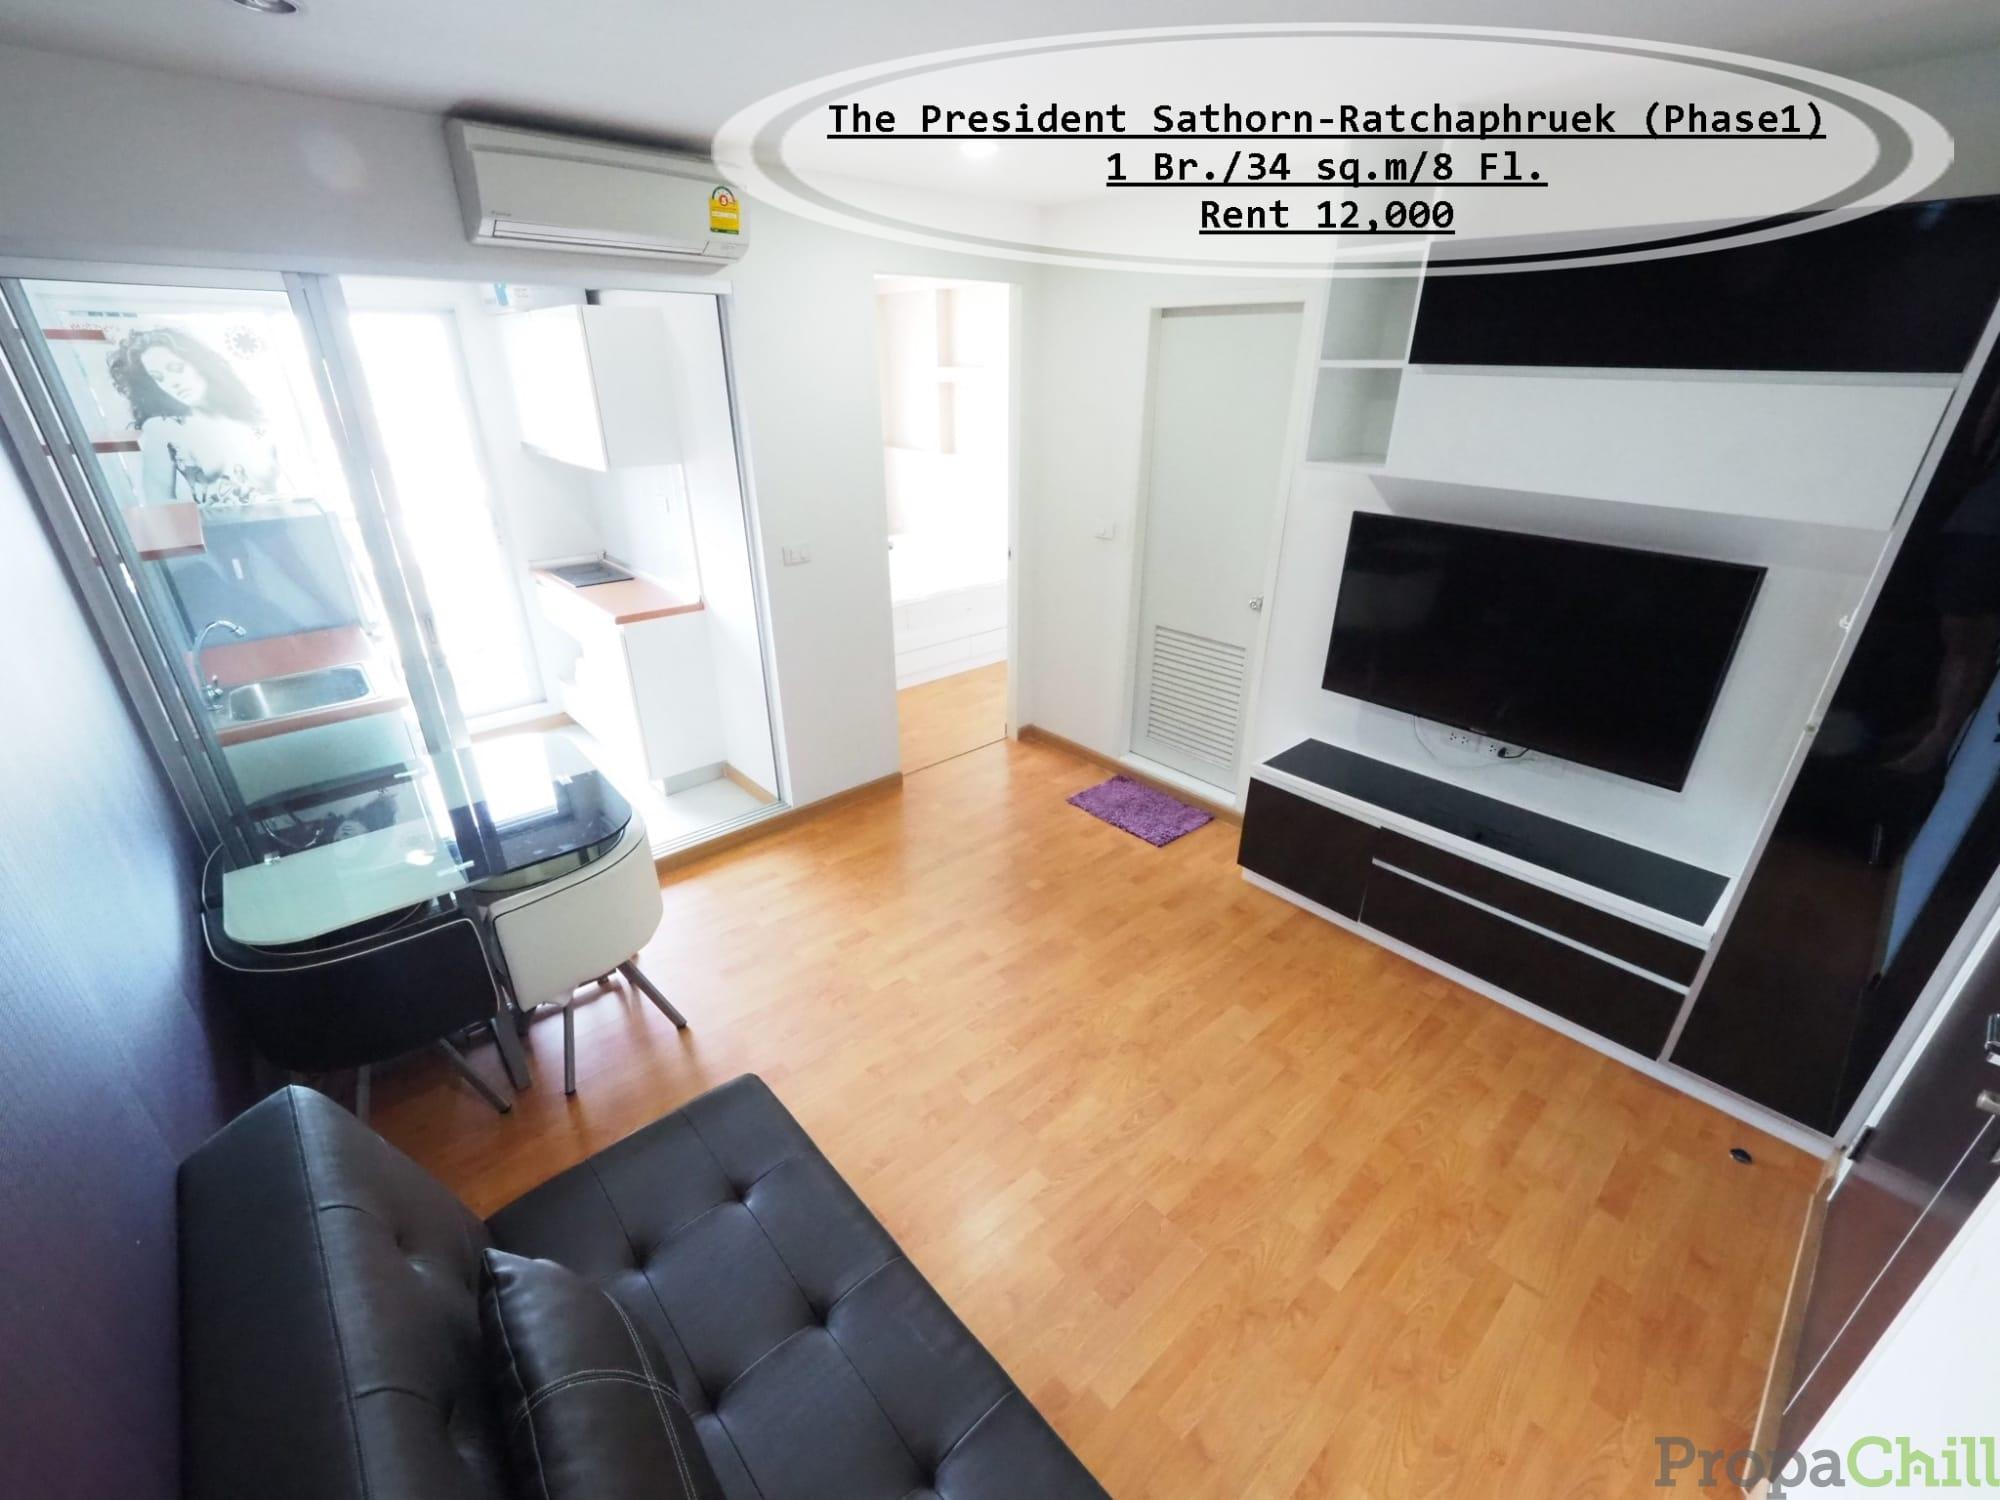 เช่า - The President สาทร-ราชพฤกษ์ /34 ตร.ม/1 นอน/ชั้น 8 ใกล้ BTS บางหว้า เช่า 12,000